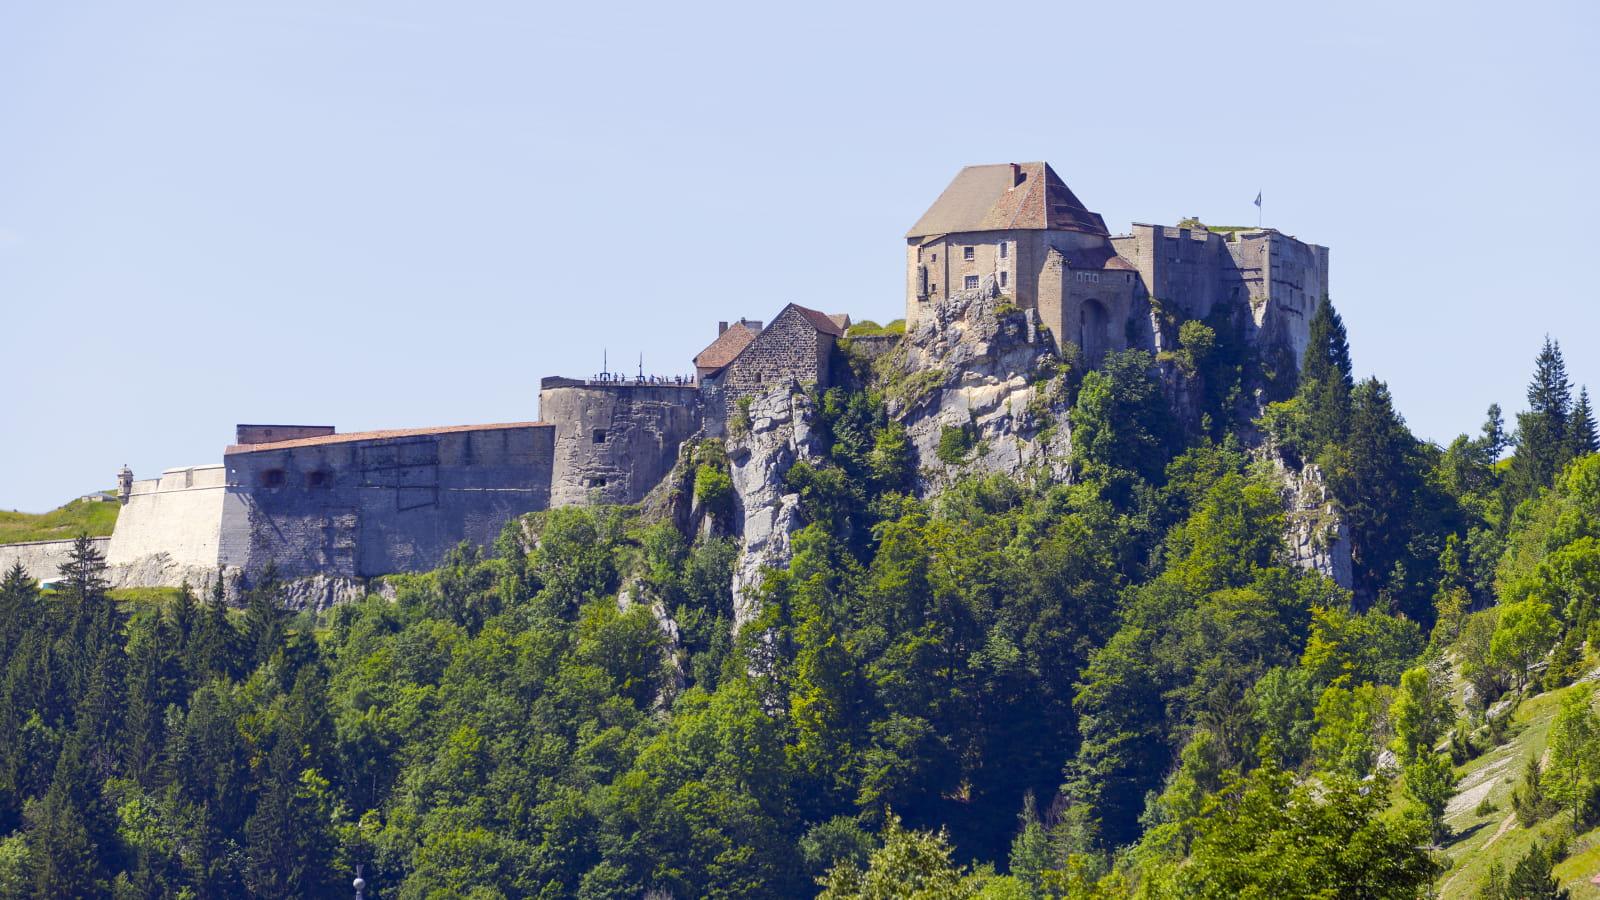 Le château de Joux surplombant la vallée